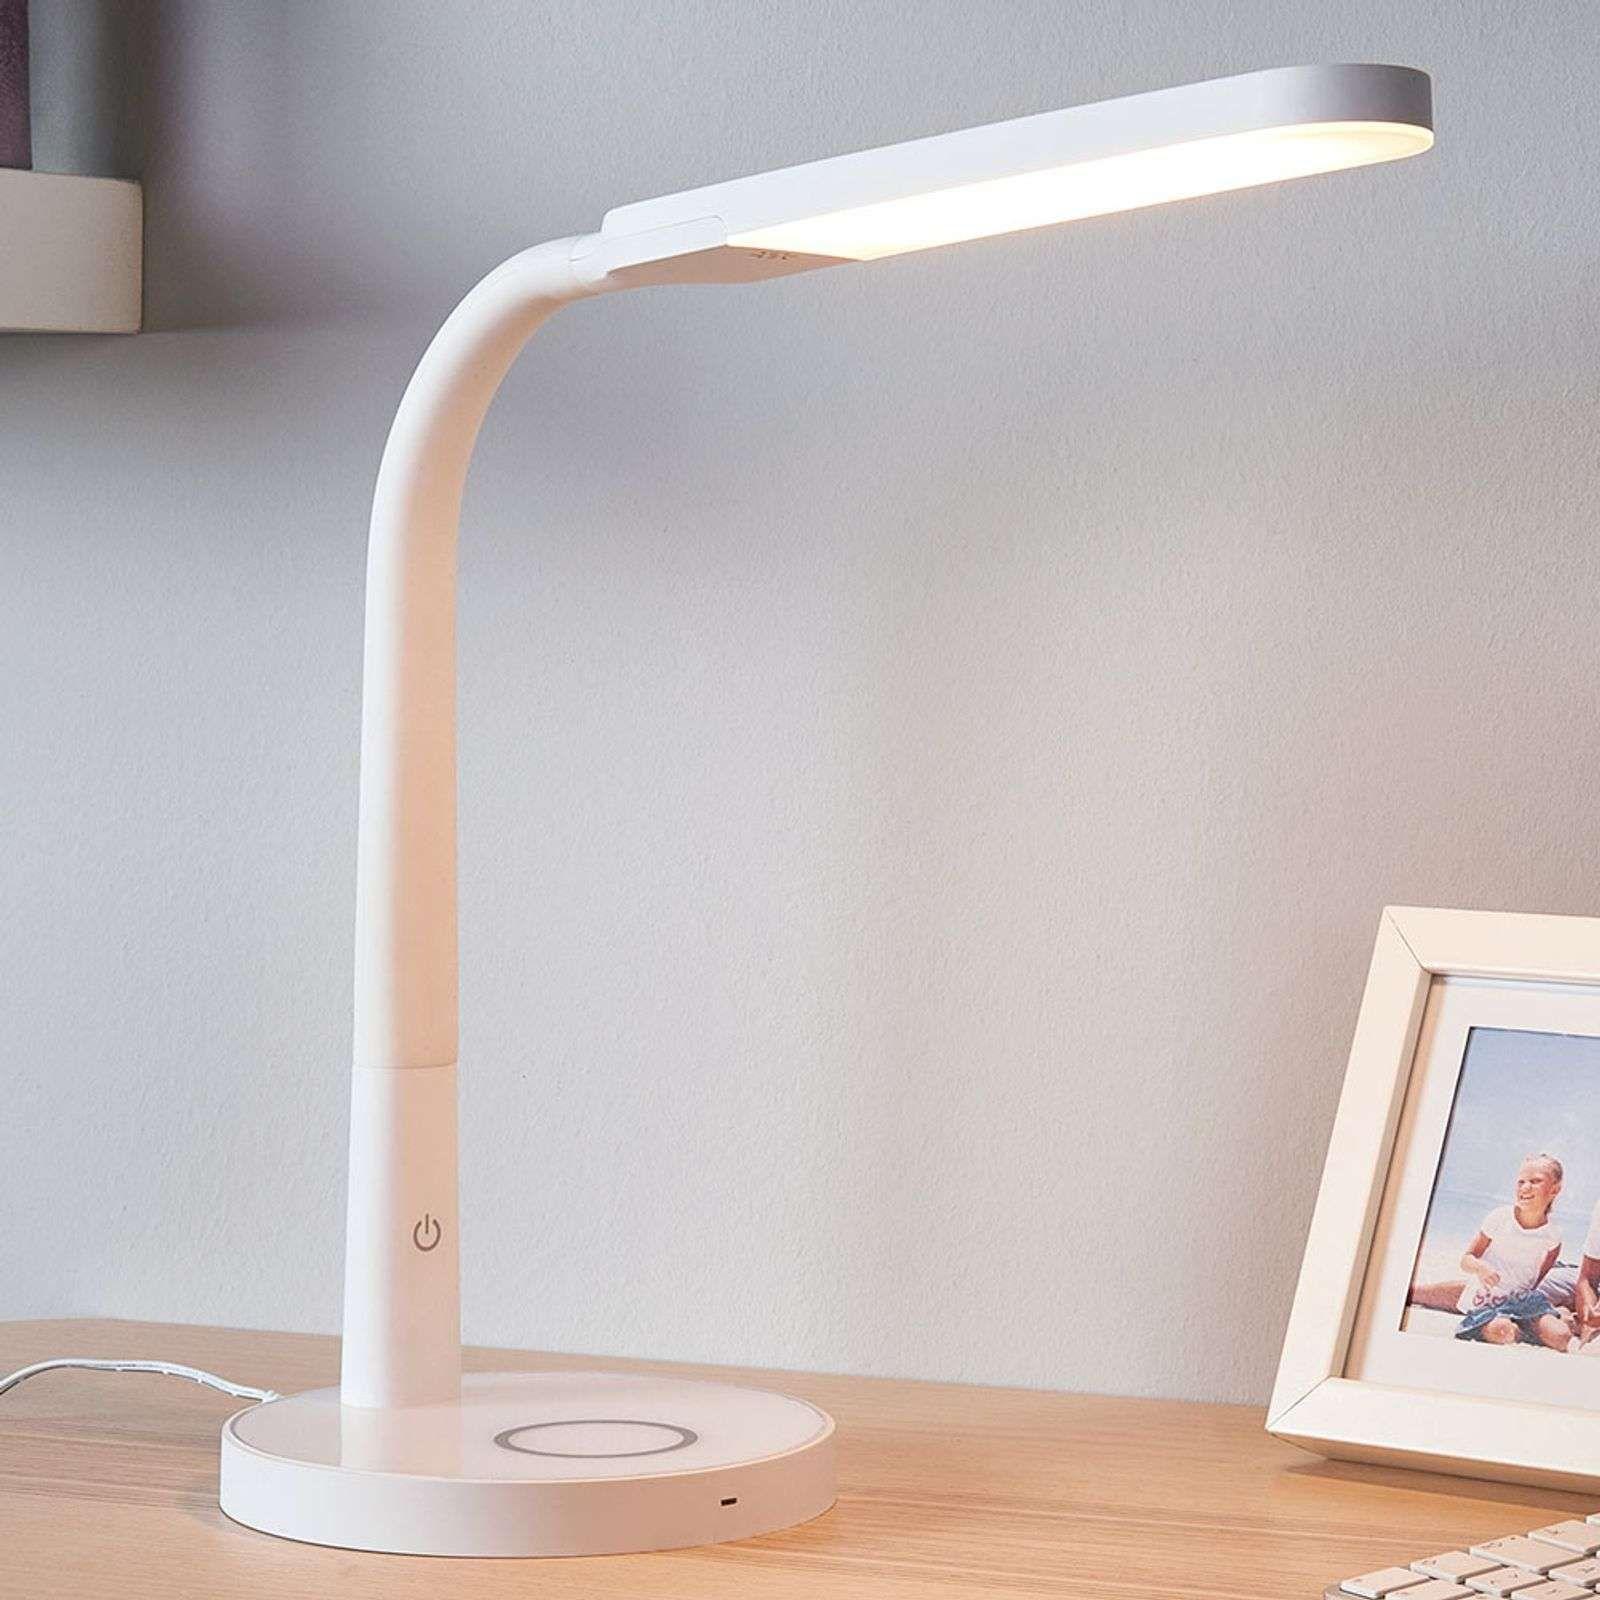 Lampe De Bureau Led Blanche Maily Port Usb En 2020 Lampe De Bureau Lampe De Bureau Led Eclairage De Bureau